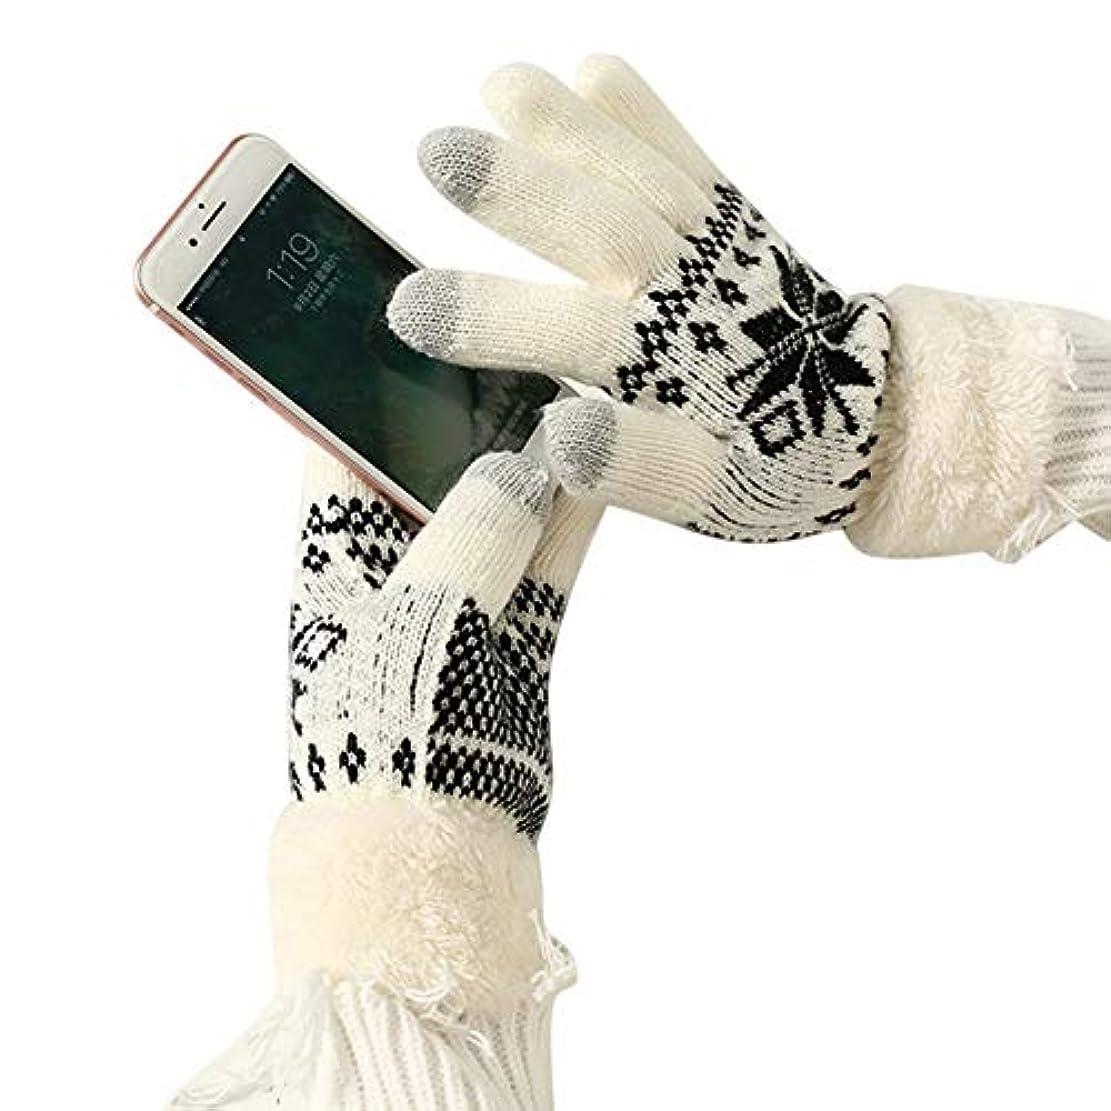 不承認測定シーフードTengfly Women Touchscreen Gloves, Winter Warm Knit Gloves,Soft Extra-Warm Fleece Touchscreen Gloves,Snow Flower Knitting Thicken For Women Winter Outdoor 2019 New Christmas Gift